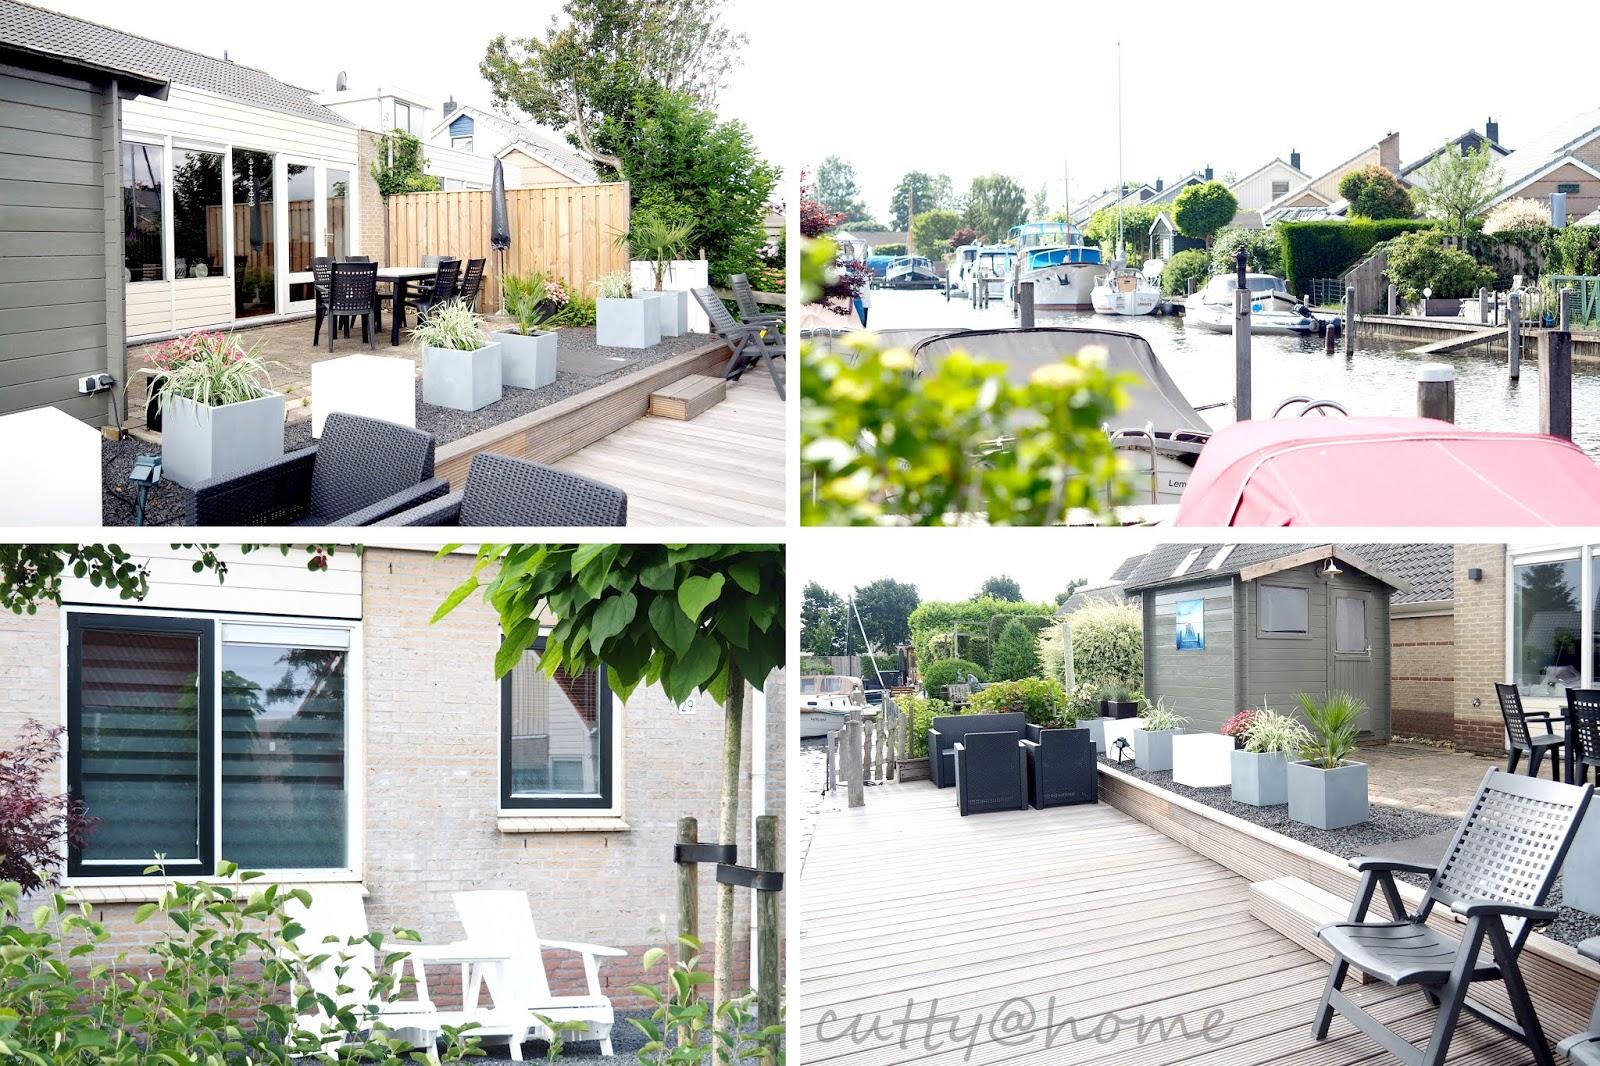 Gemauerte Treppen Außen gemauerte treppen außen – wohn-design